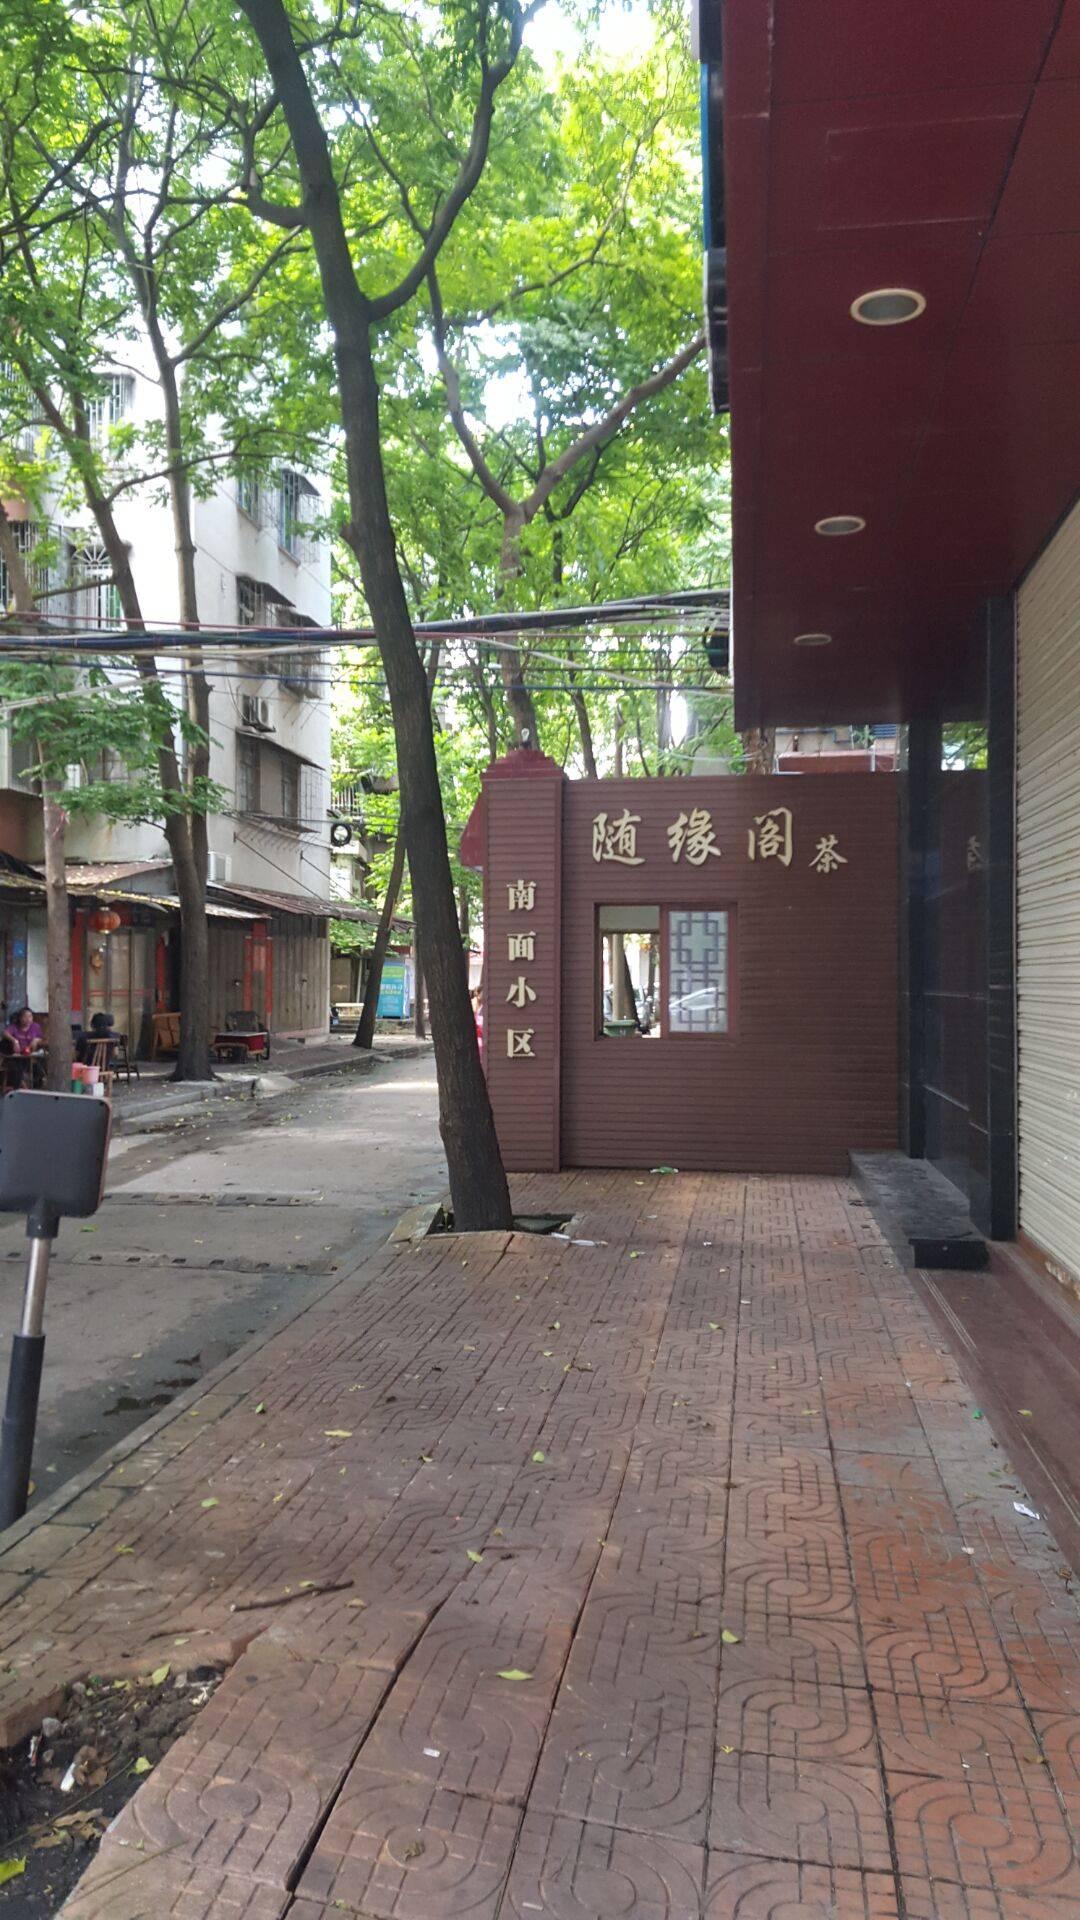 惠城区桥东 上板塘南面小区一楼 单间 月 租220元